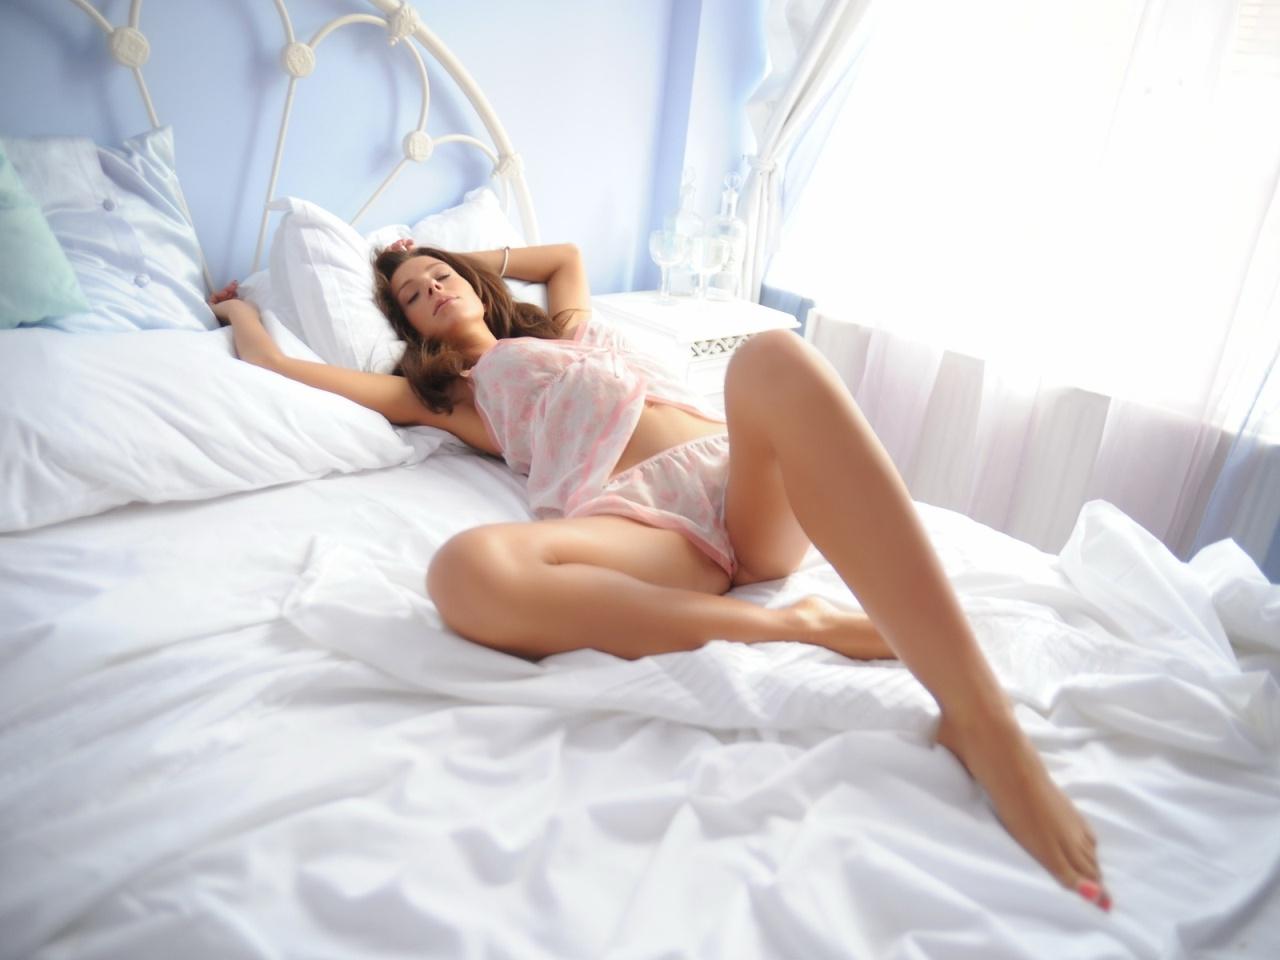 Смотреть порно фото домашнего секса